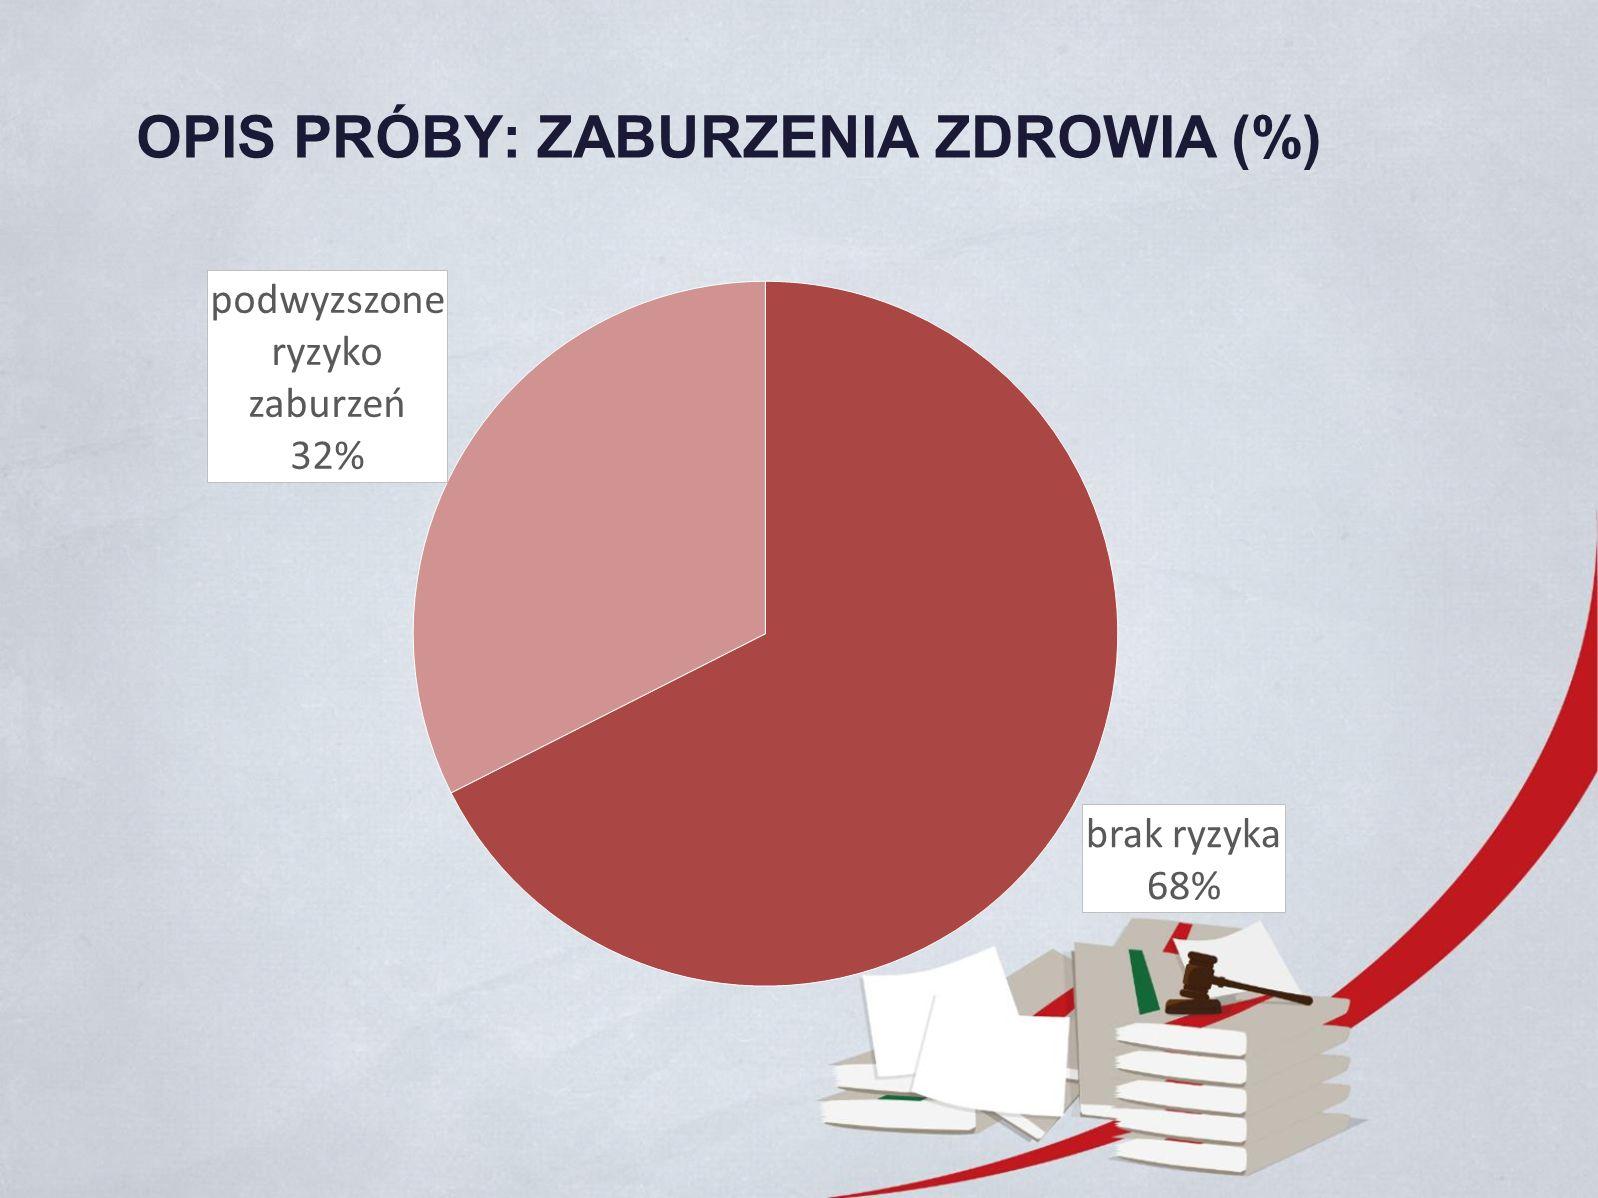 OPIS PRÓBY: ZABURZENIA ZDROWIA (%)